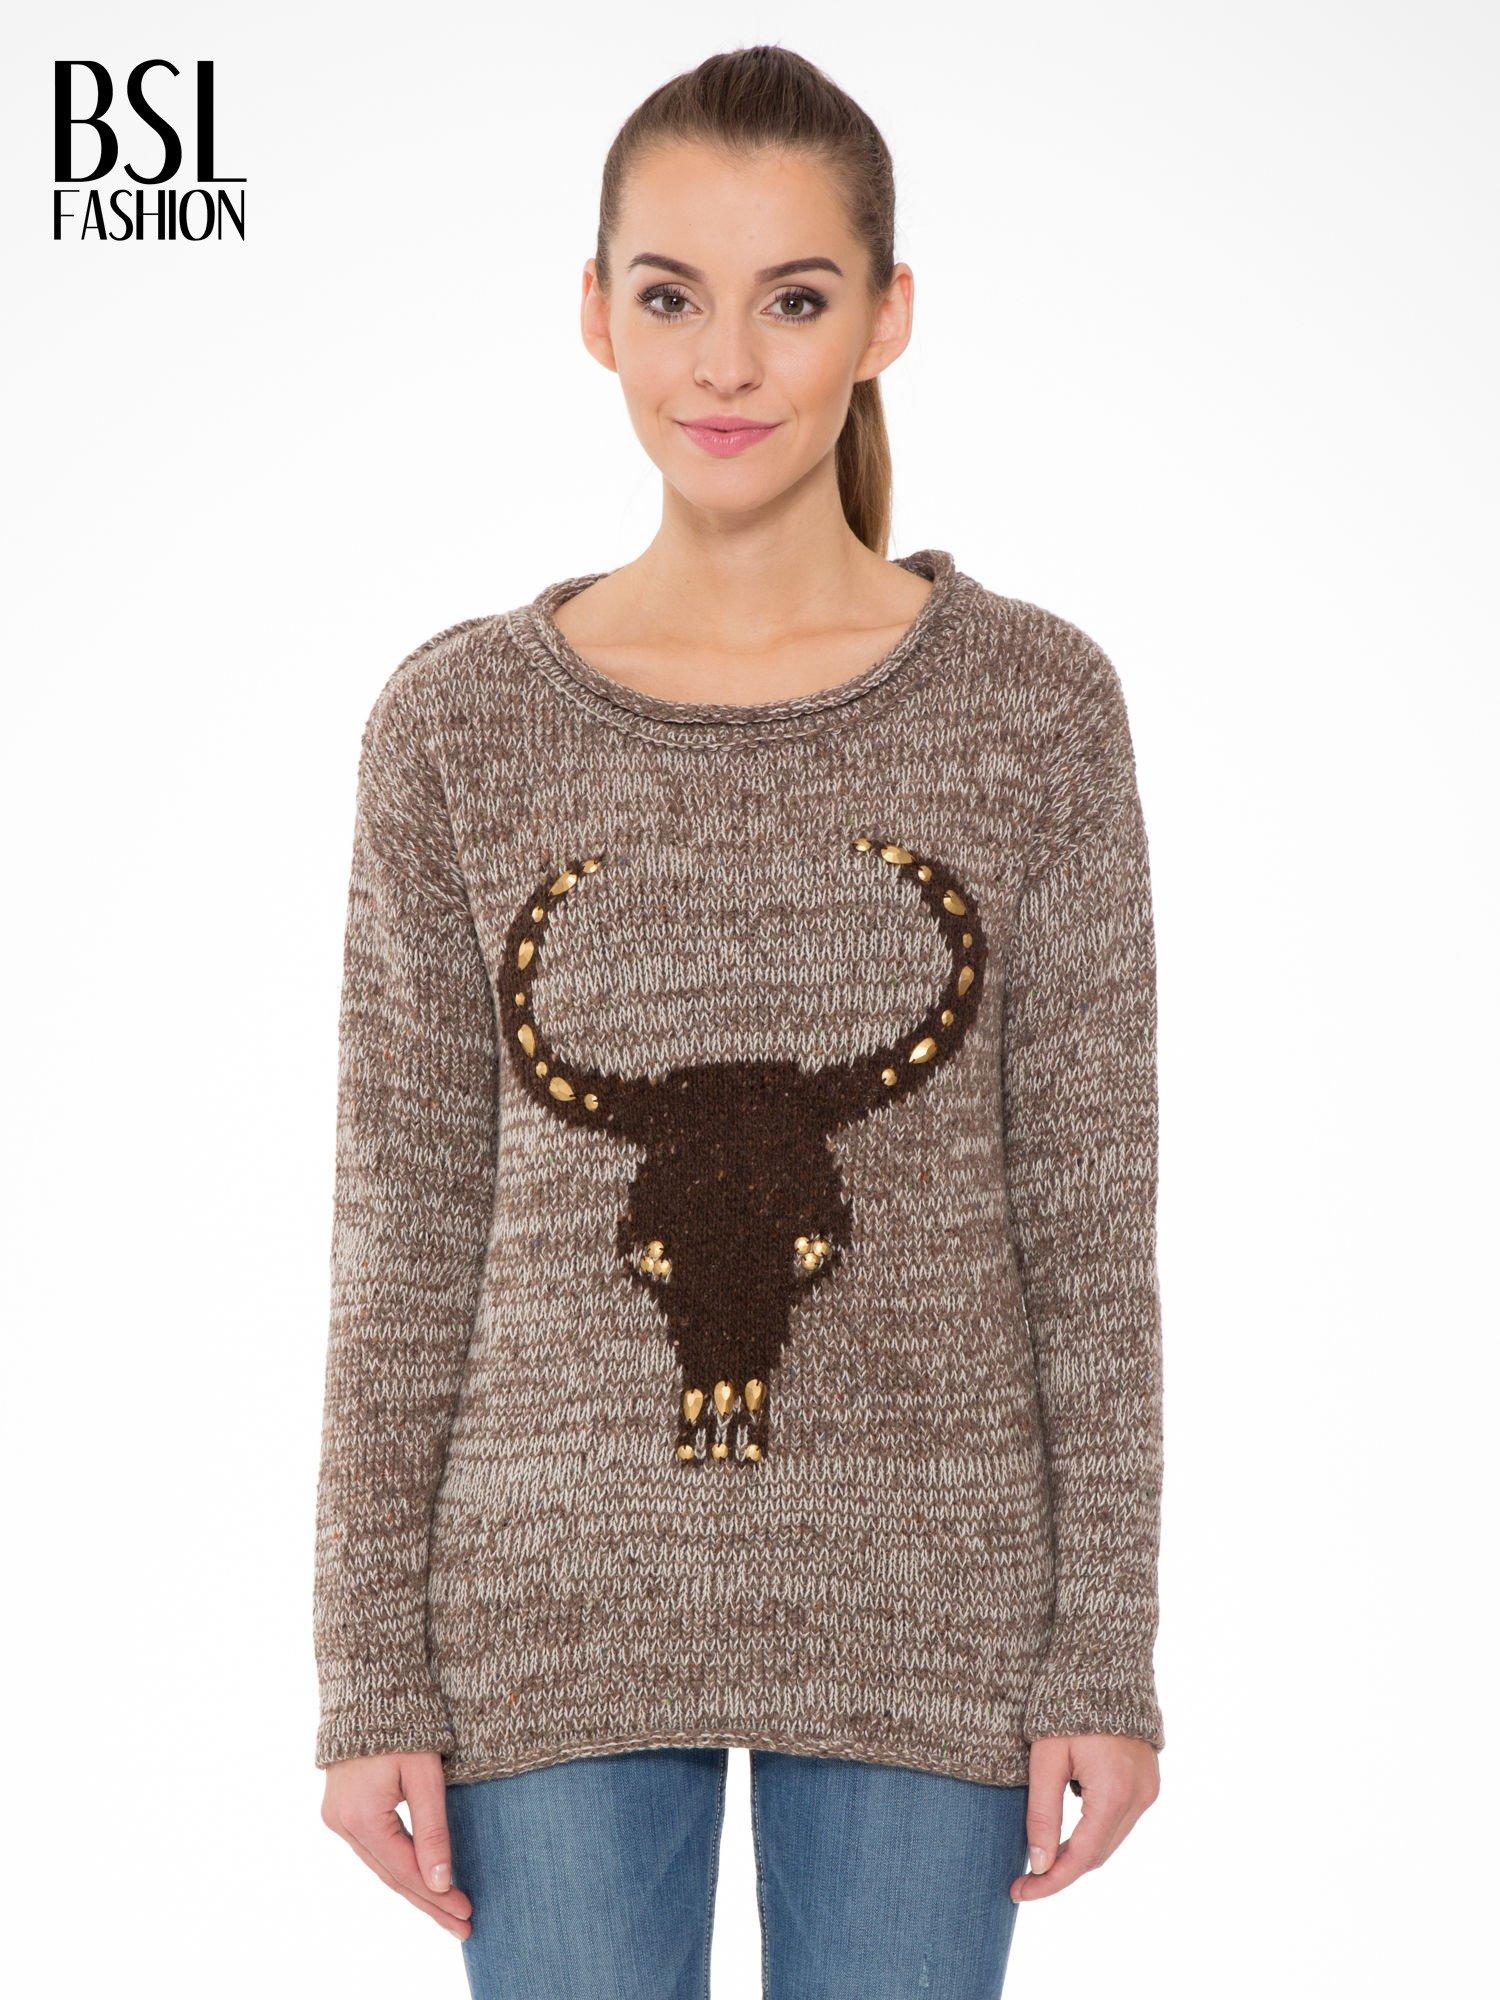 Brązowy melanżowy sweter z nadrukiem kozy                                  zdj.                                  1